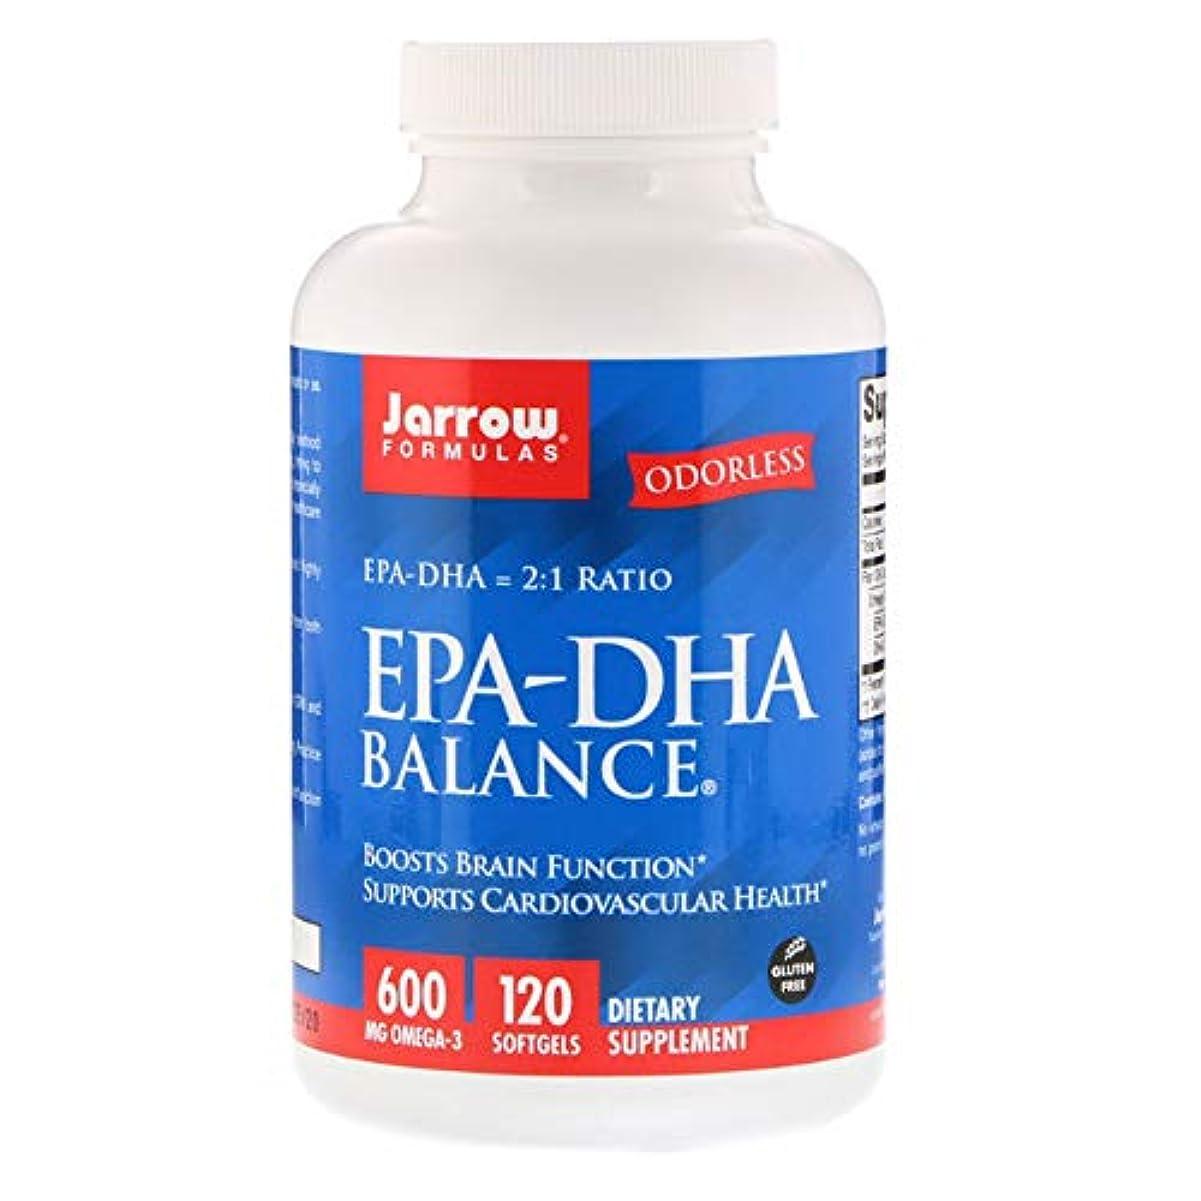 不誠実それからスラッシュJarrow Formulas EPA DHA Balance ソフトジェル 120粒 【アメリカ直送】